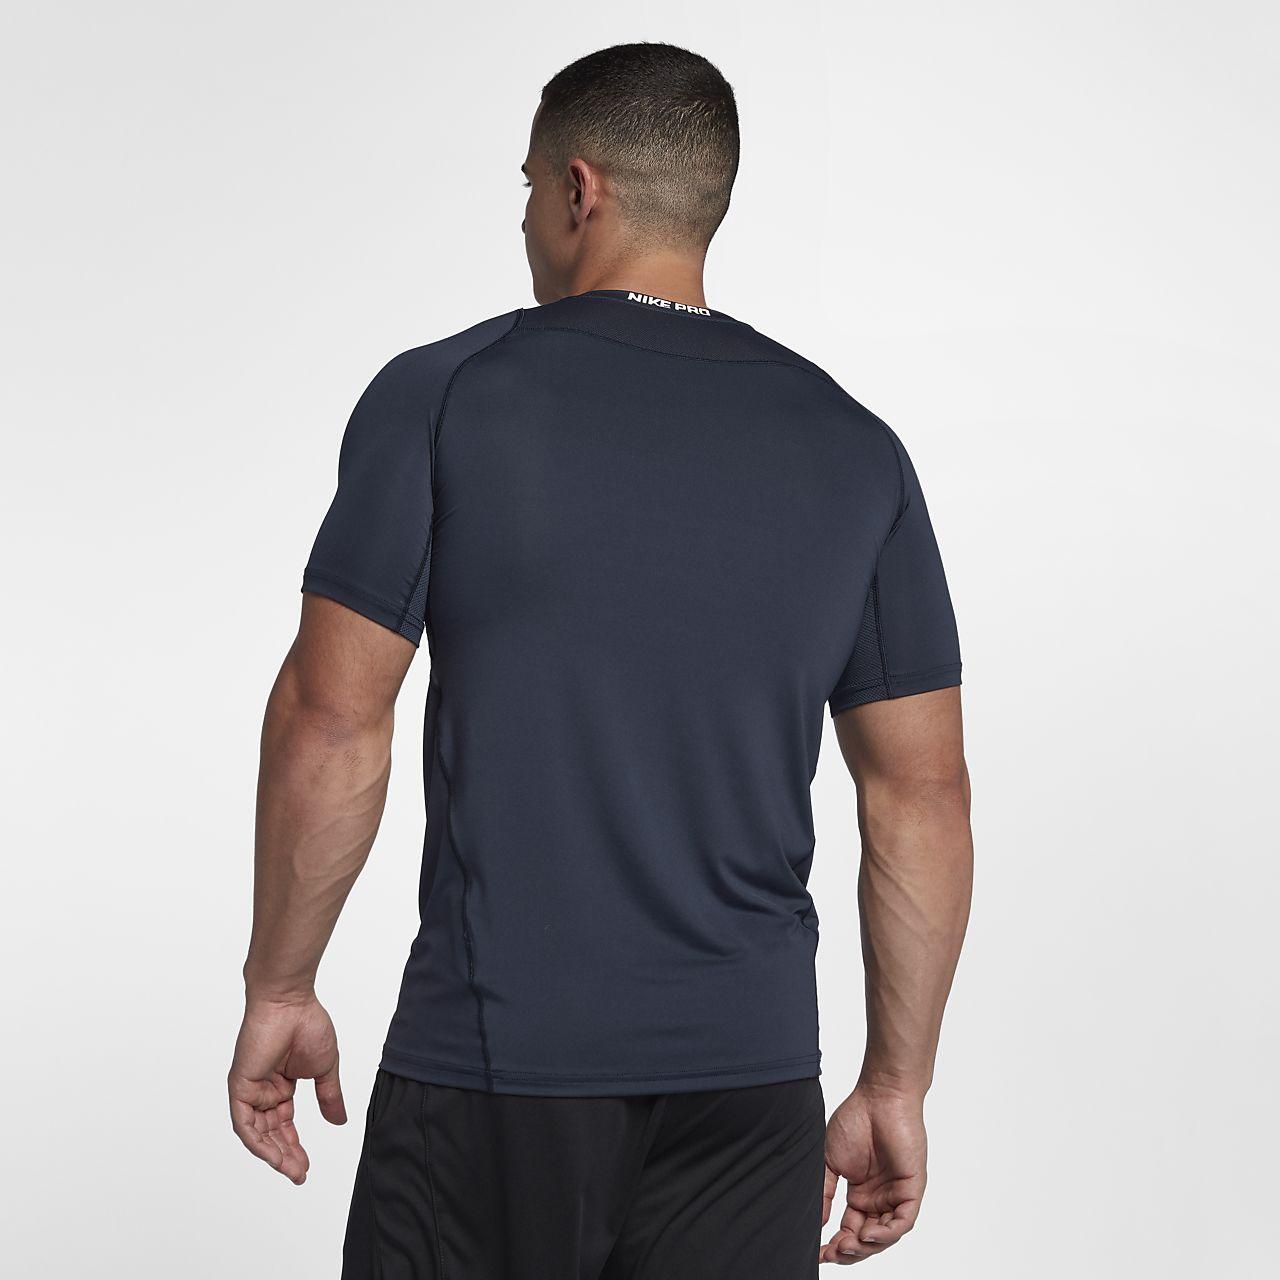 7f8b9c1a Nike Pro Men's Training Top. Nike.com